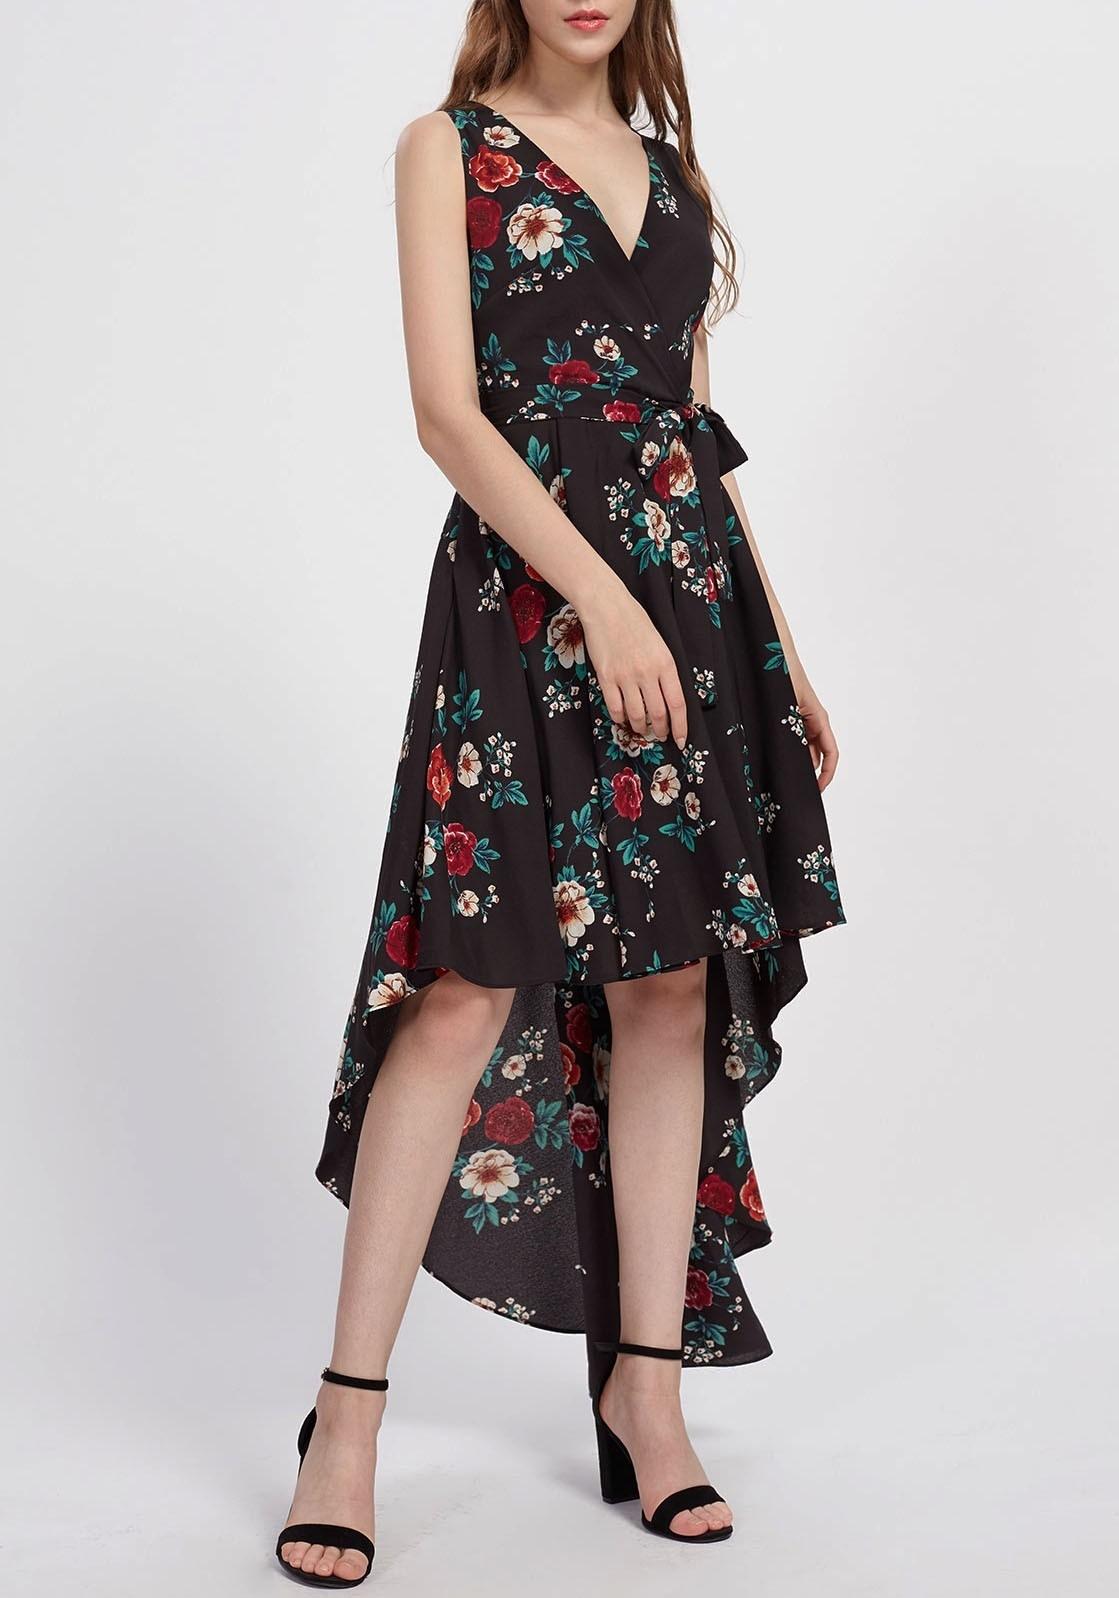 Leicht Mode Kleider Boutique10 Luxurius Mode Kleider Spezialgebiet